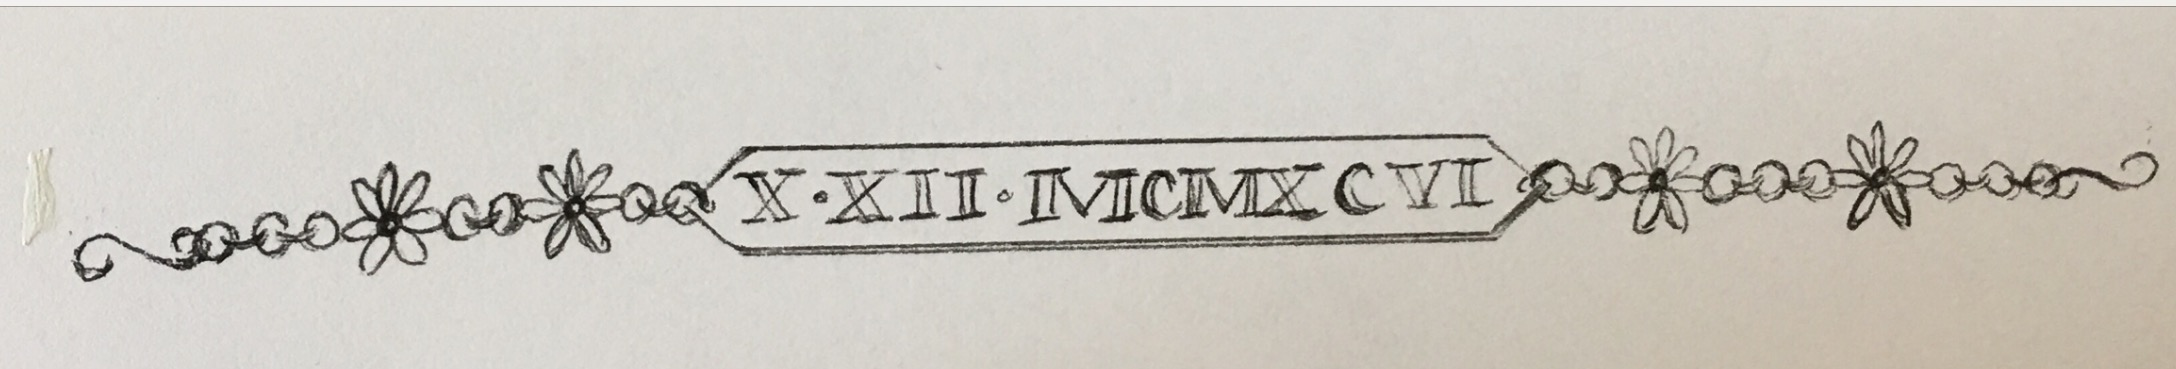 Roman Numerals Bracelet Tattoo